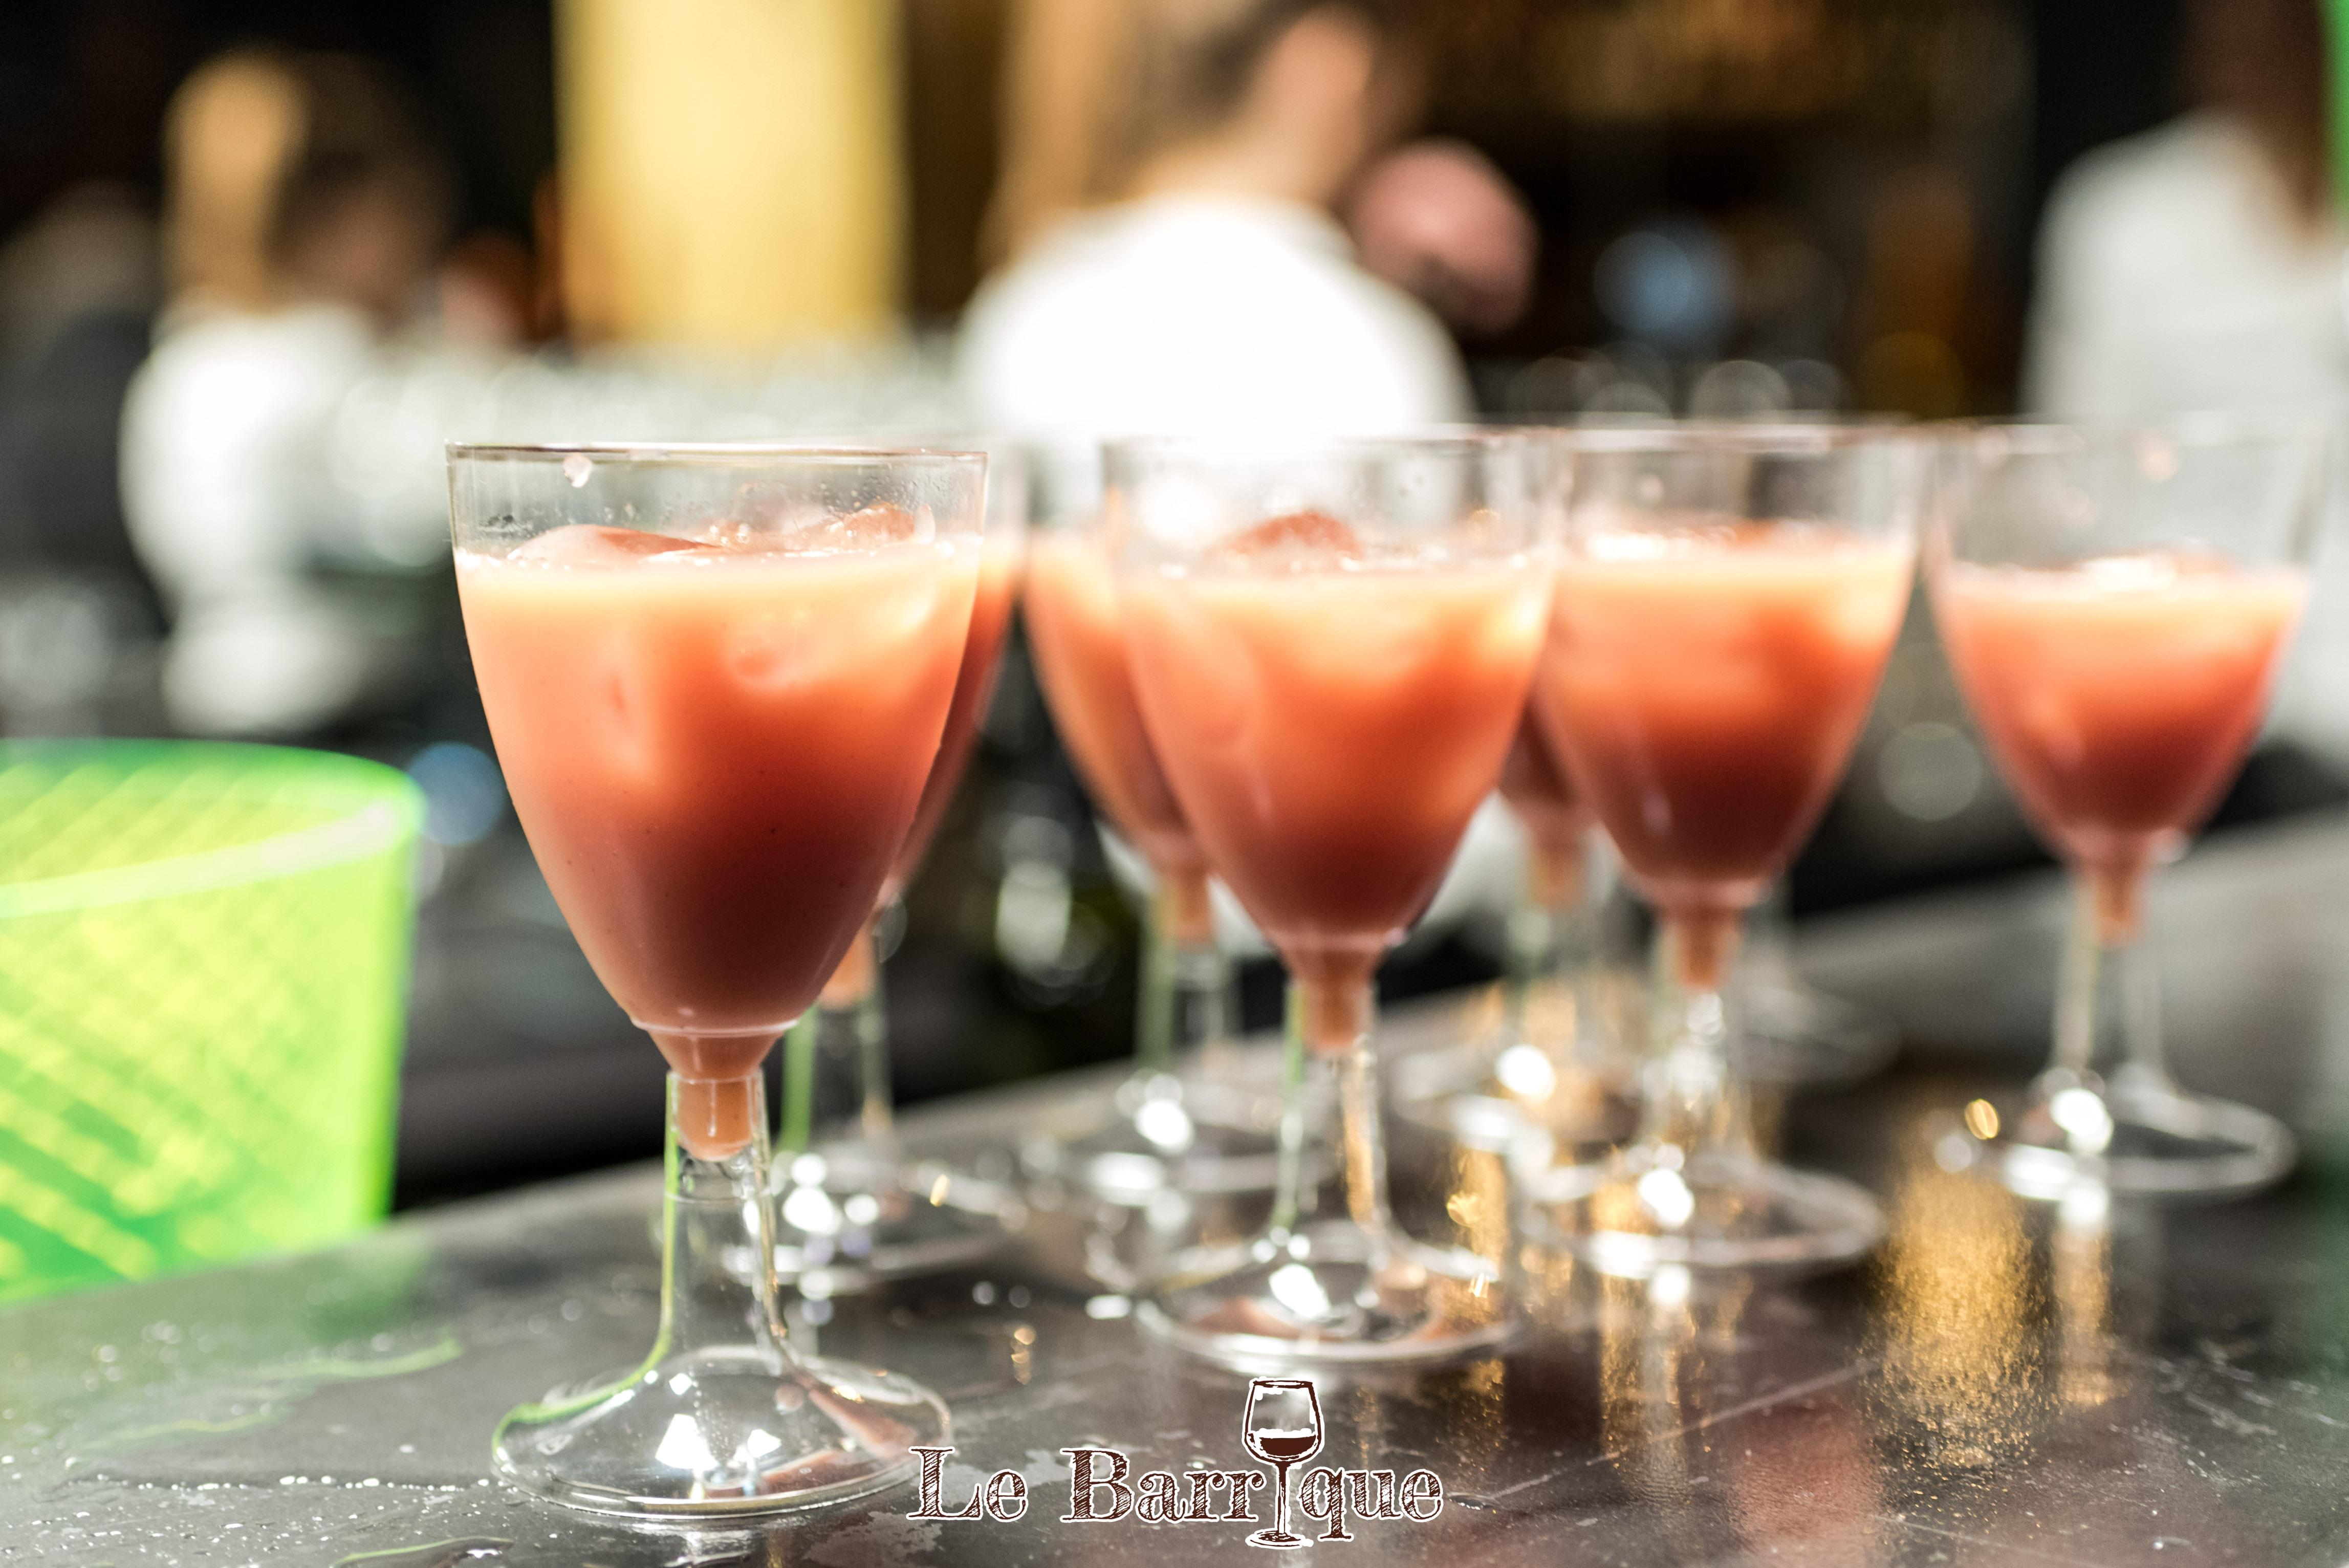 sette bicchieri pieni al bancone del bar